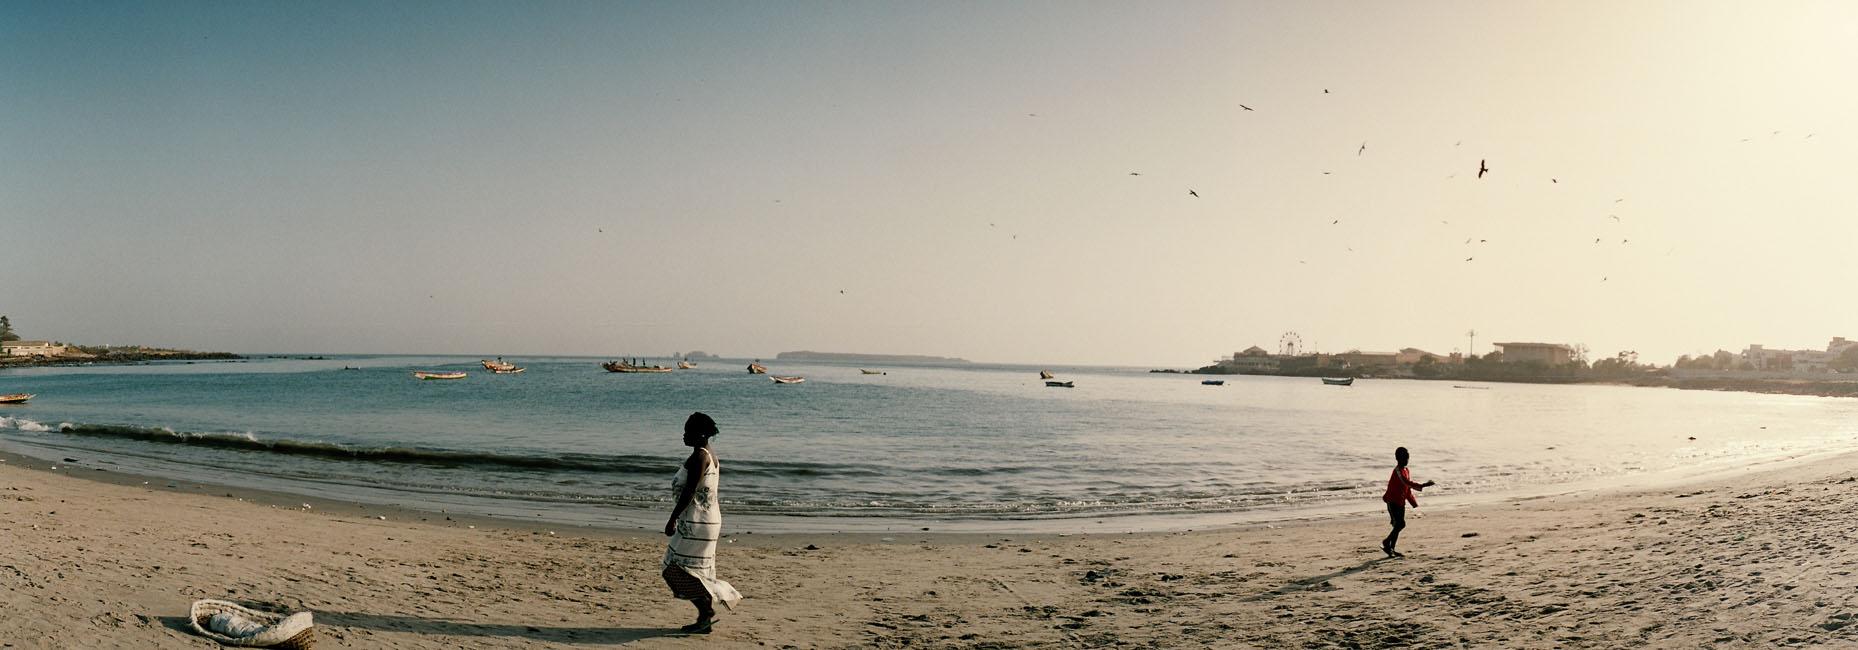 19_5277_Dakar_panorama_04